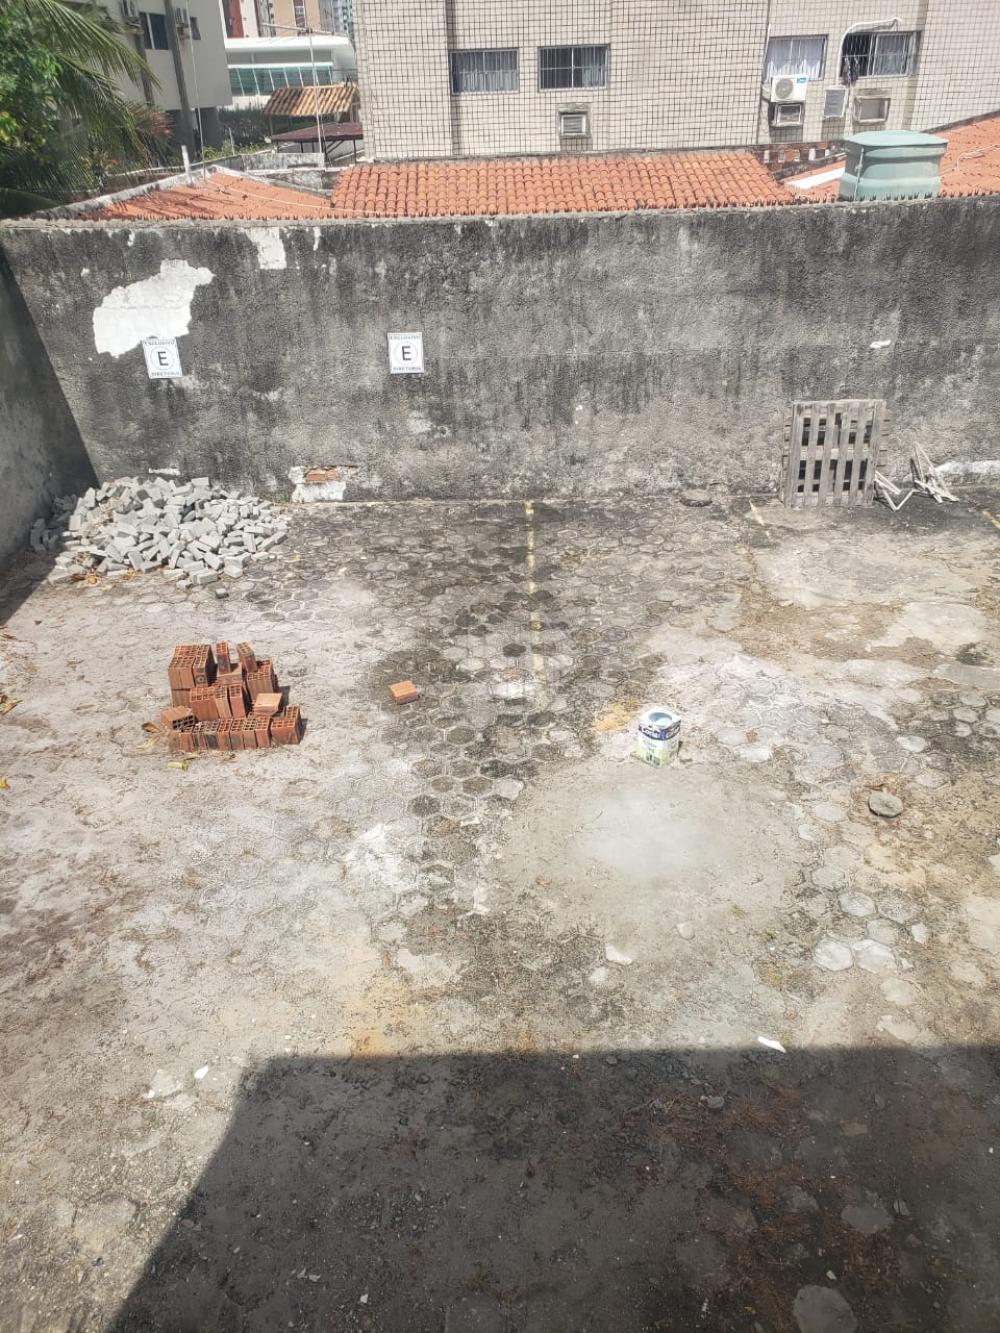 EXCELENTE PONTO COMERCIAL EM TAMBAÚ!!!  PRÉDIO COM 2 PAVIMENTOS E ÁREA PRIVATIVA NA PARTE DE TRÁS PARA ESTACIONAMENTO.  AGENDE AGORA SUA VISITA TEIXEIRA DE CARVALHO IMOBILIÁRIA CRECI 304J - (83) 2106-4545